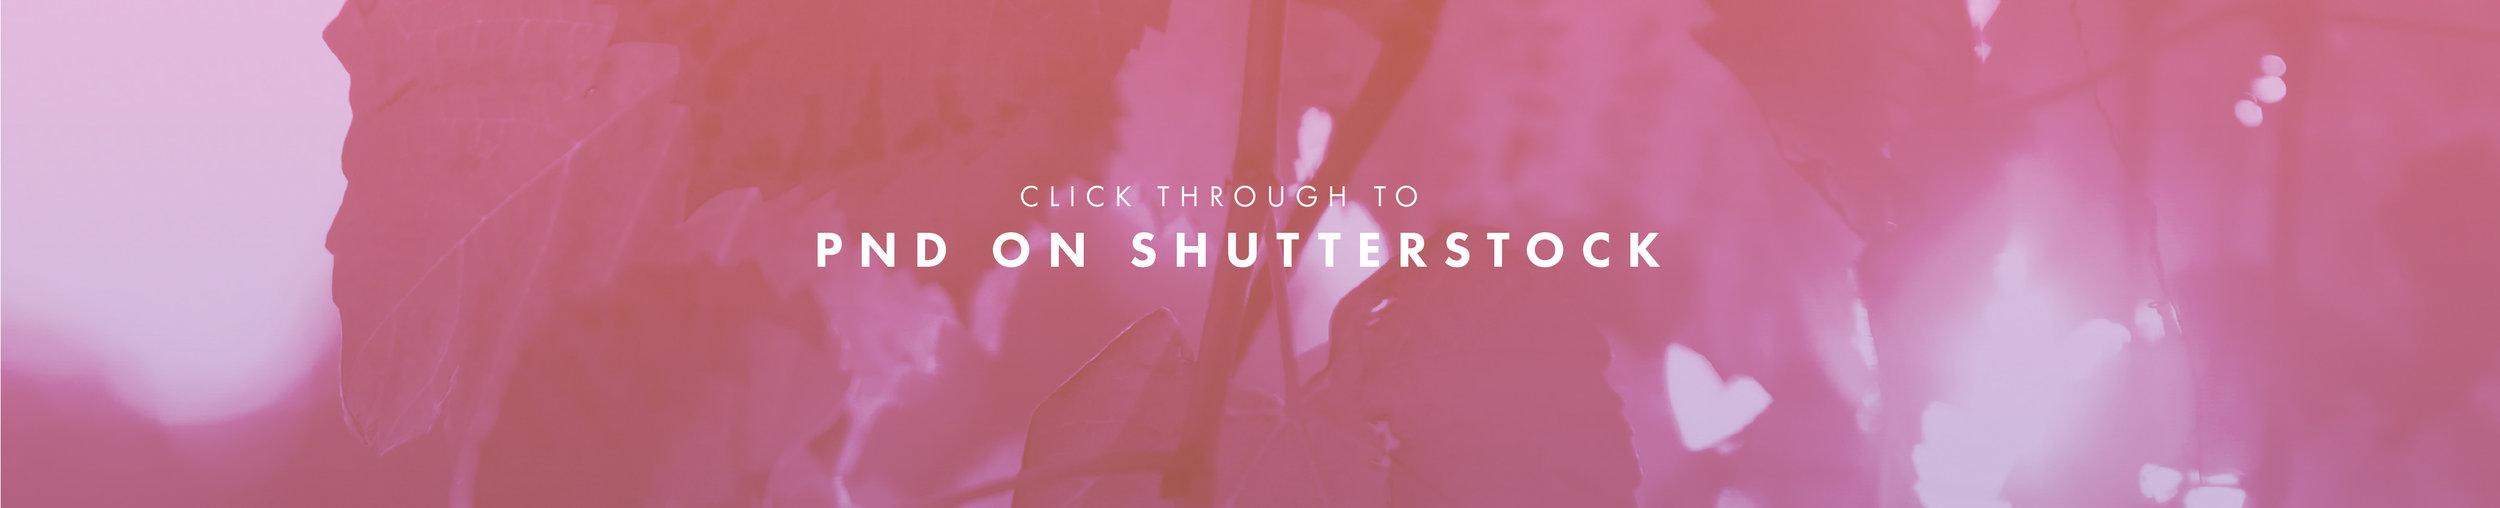 Shutterstock button